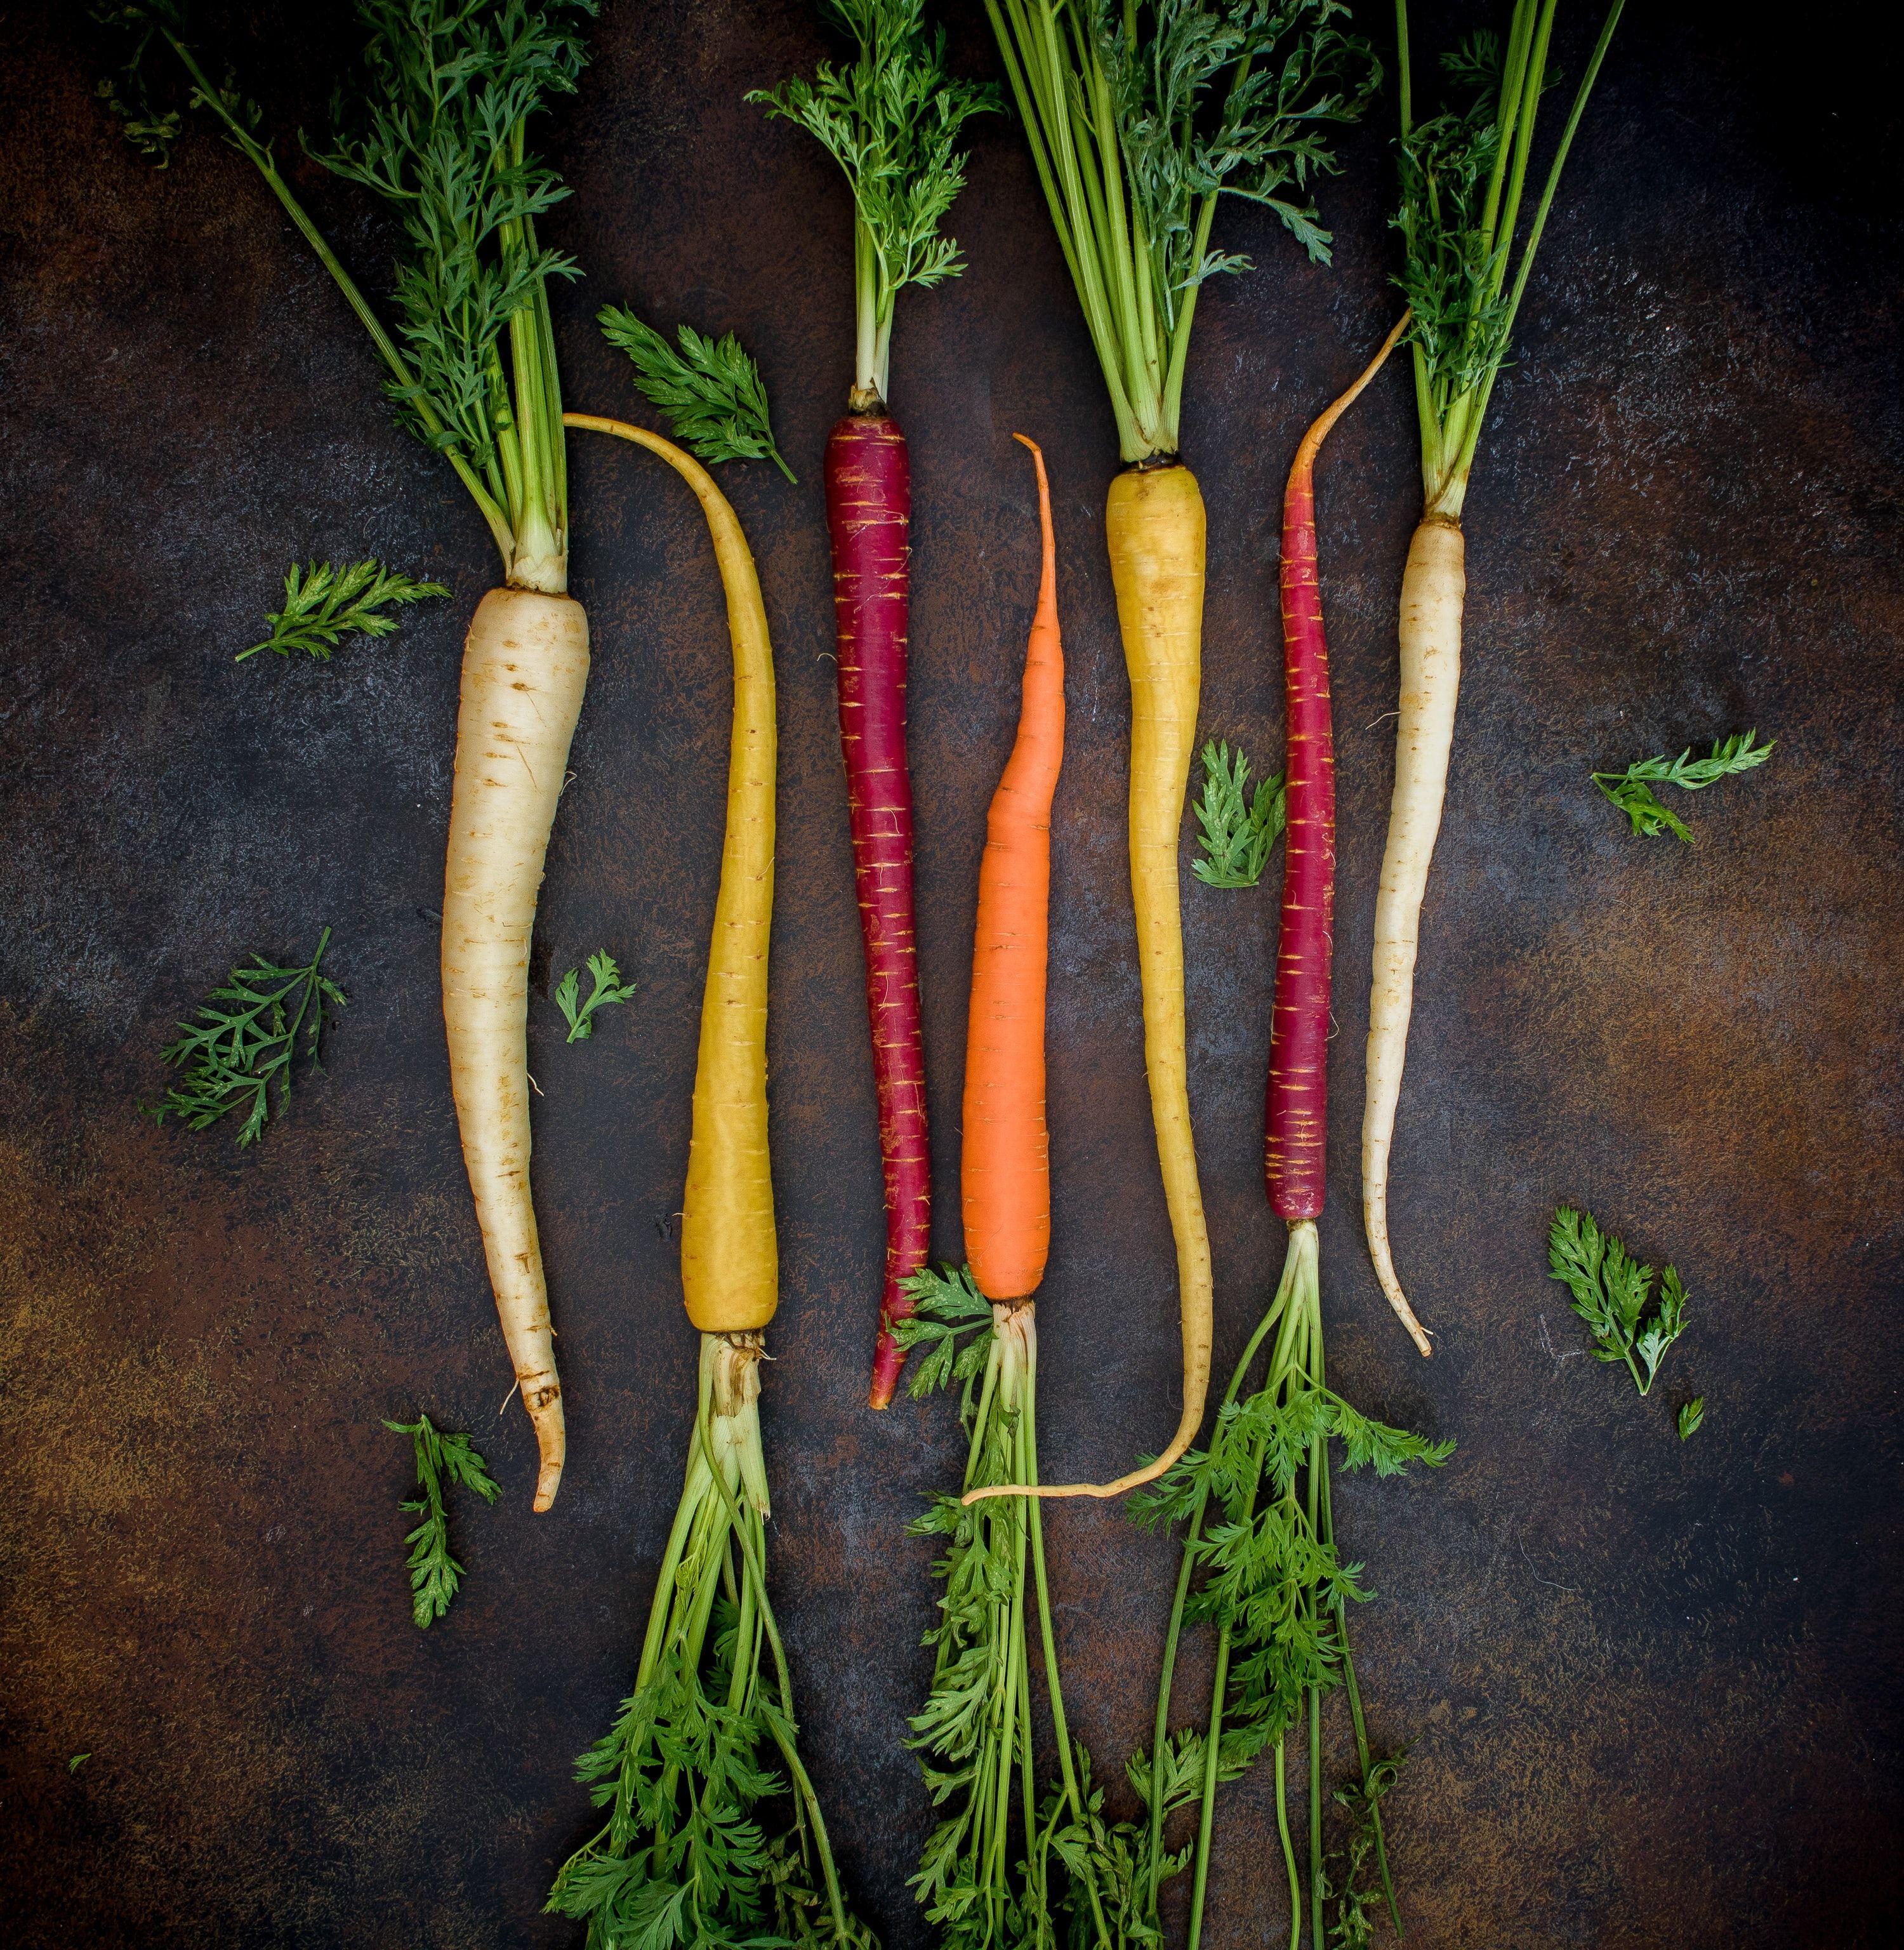 Carrots_dana-devolk-n_0wi_oruce-unsplash